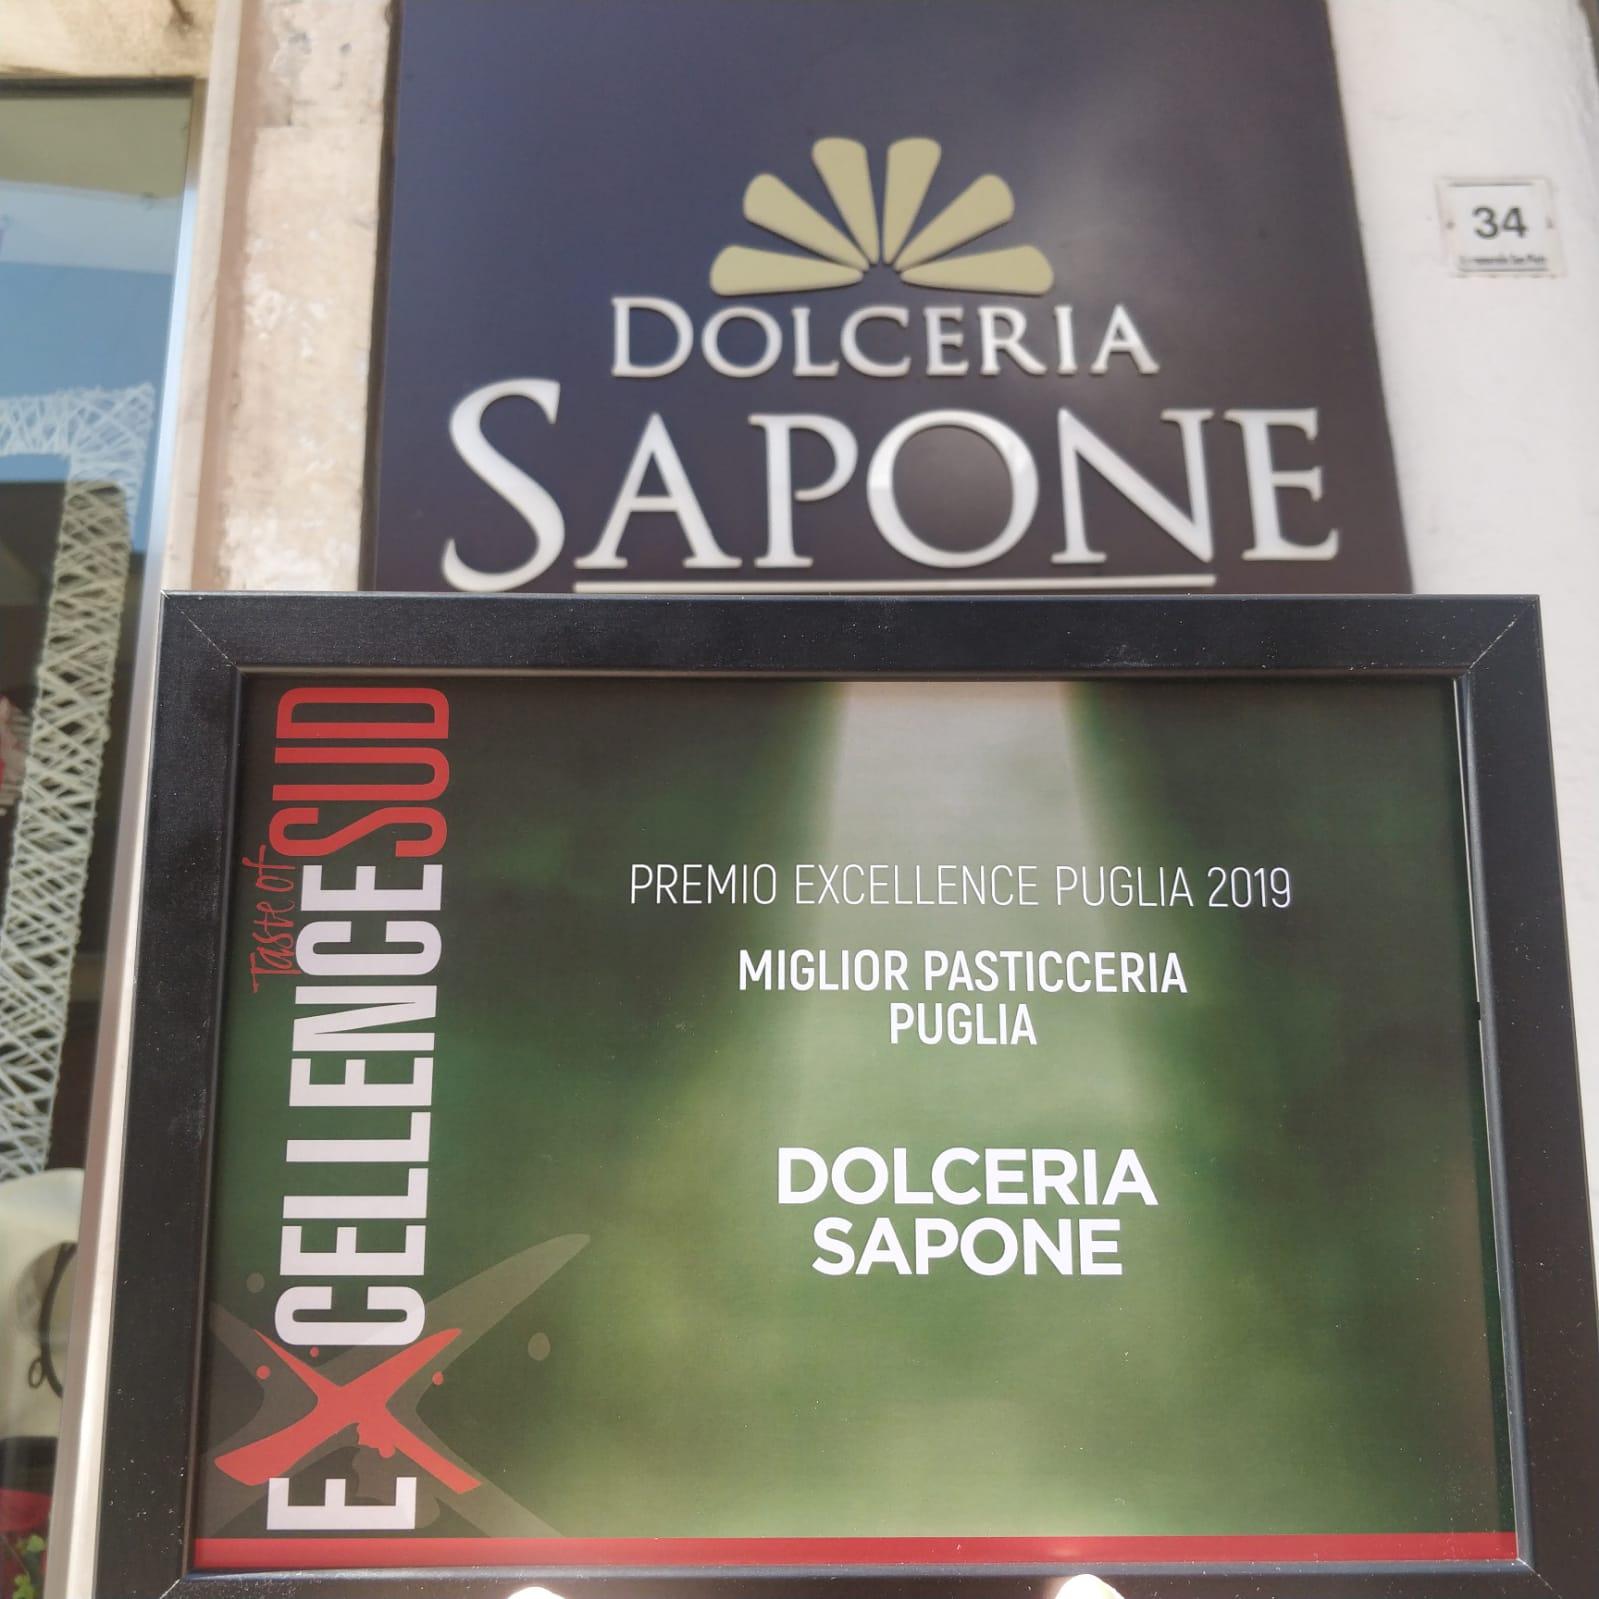 Migliore Pasticceria per Excellenxe Taste of Sud